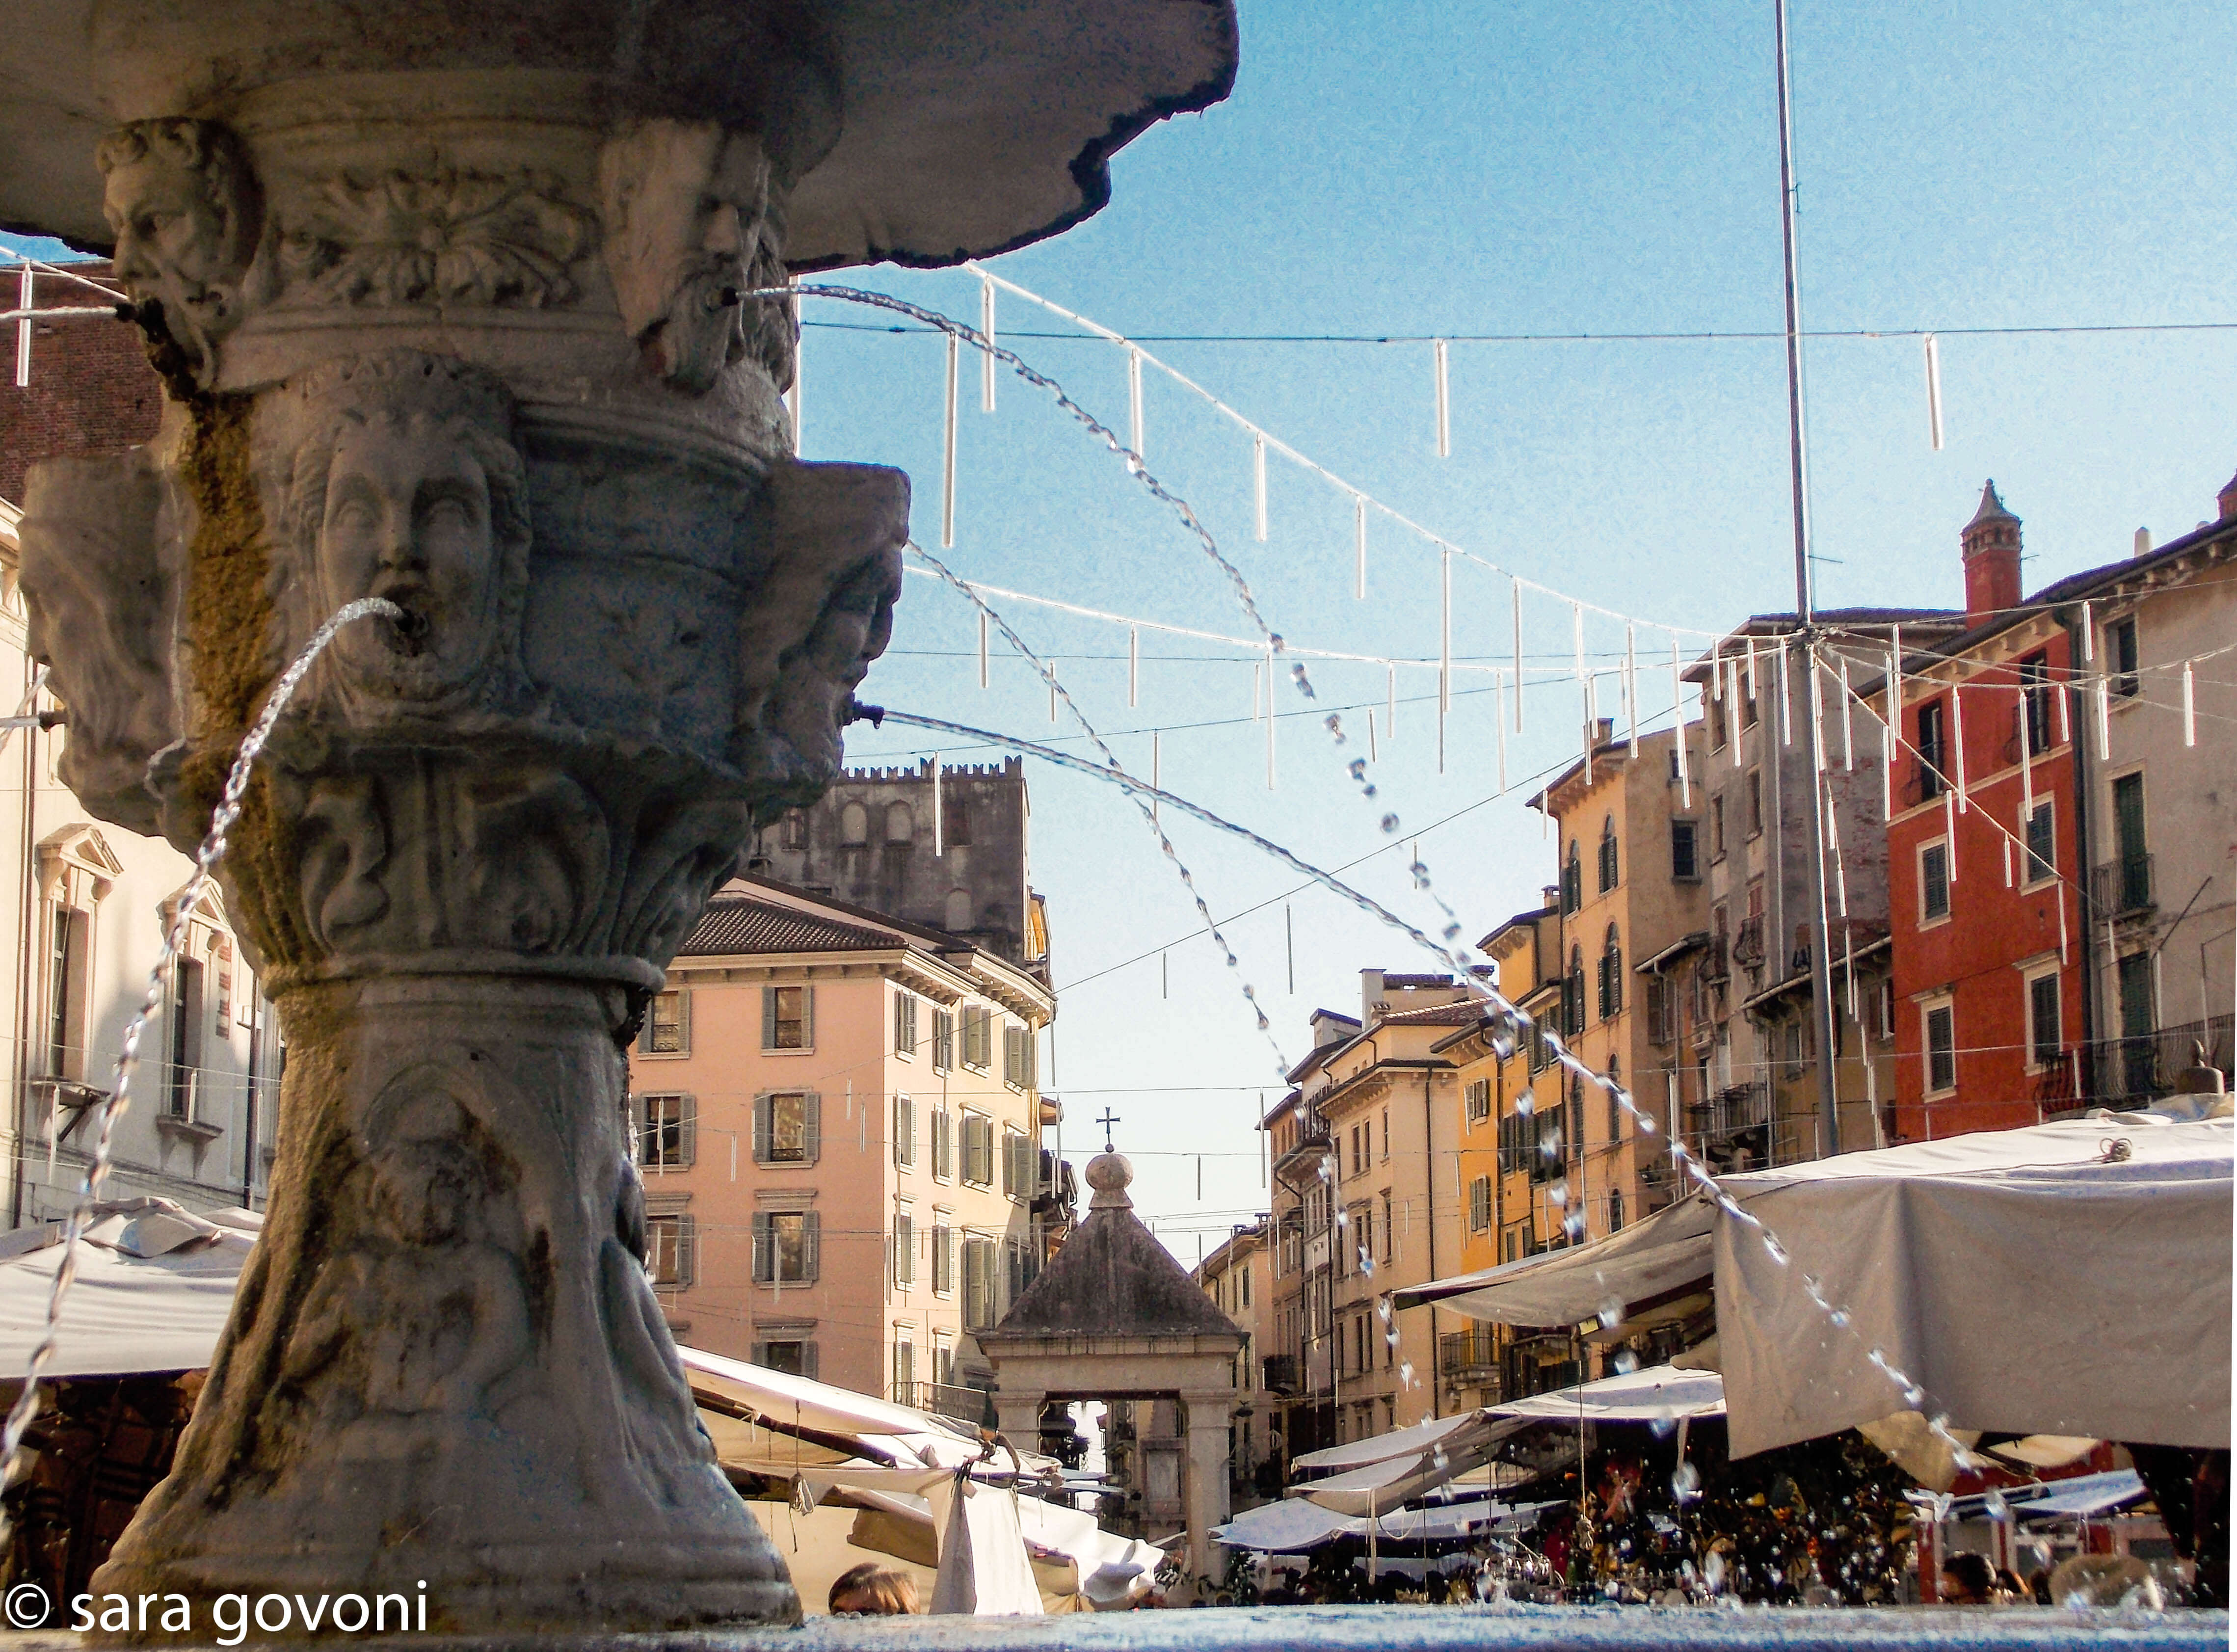 La fontana di Piazza Erbe